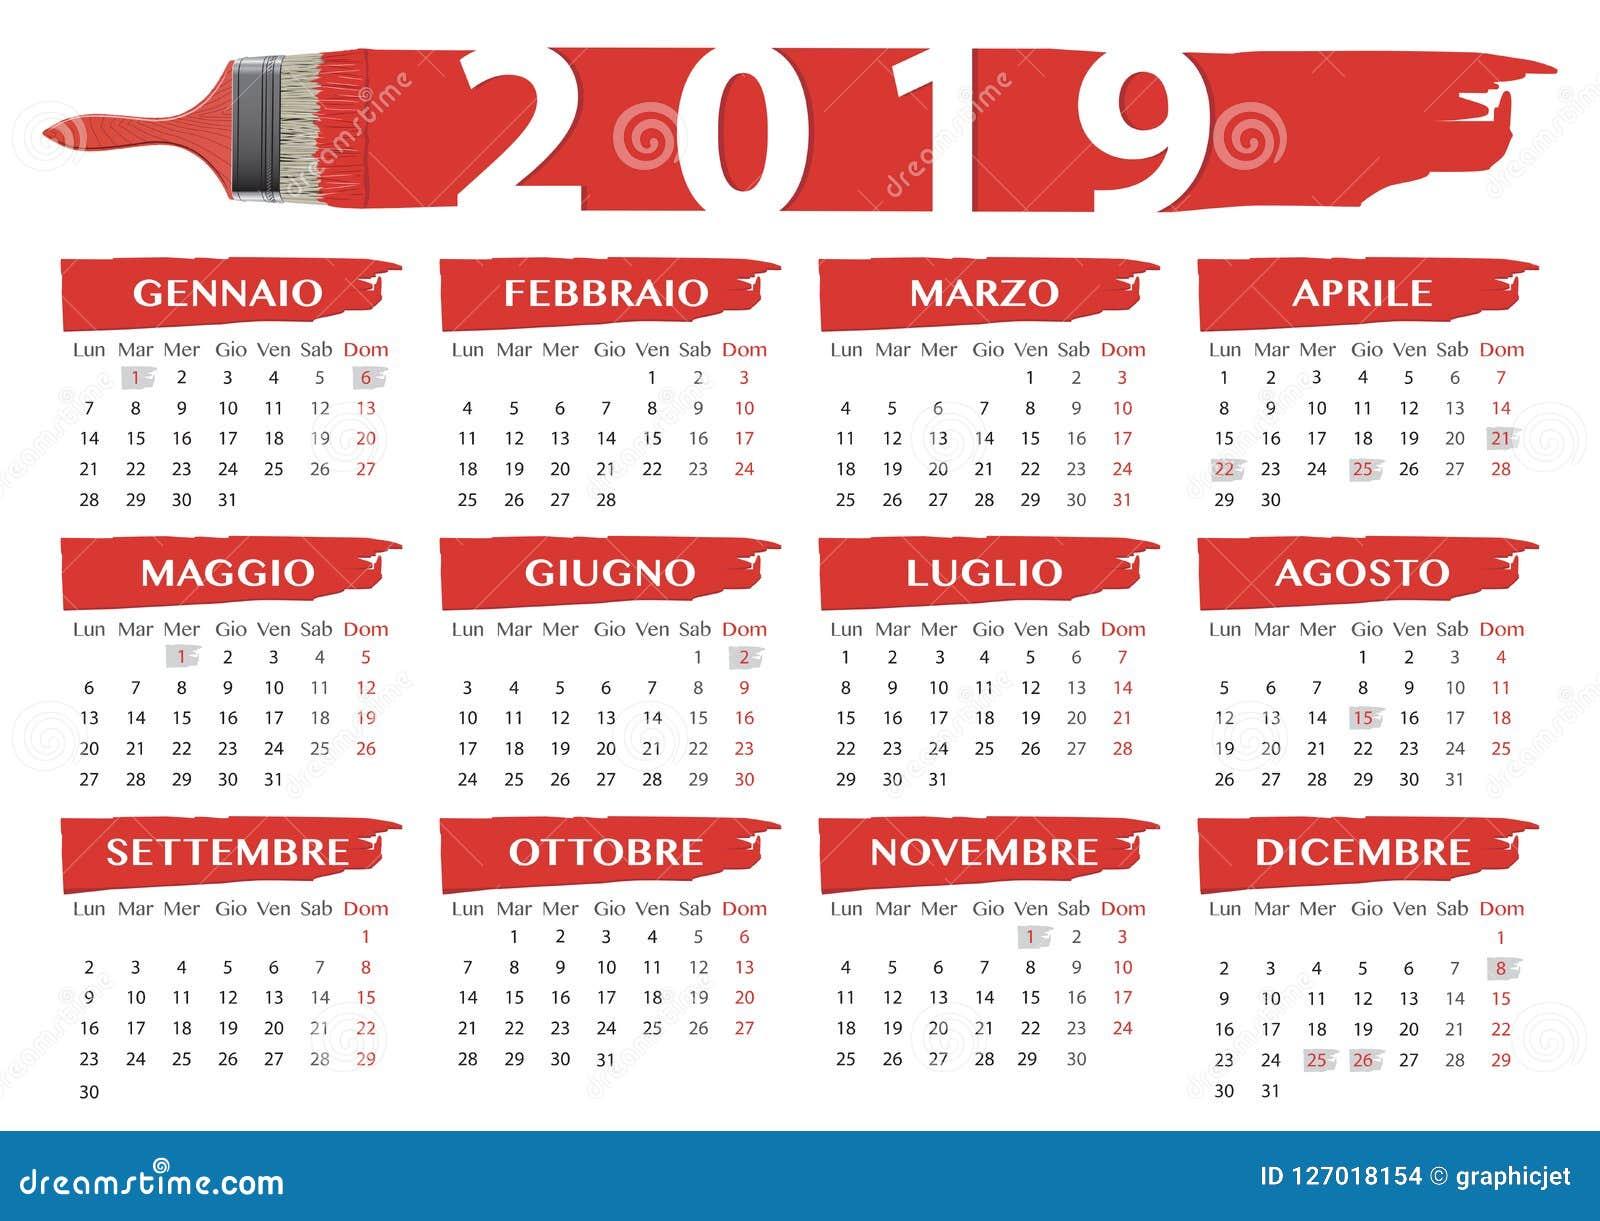 Calendario Con Festivita.Festivita Rossa Dell Italiano Del Calendario Di 2019